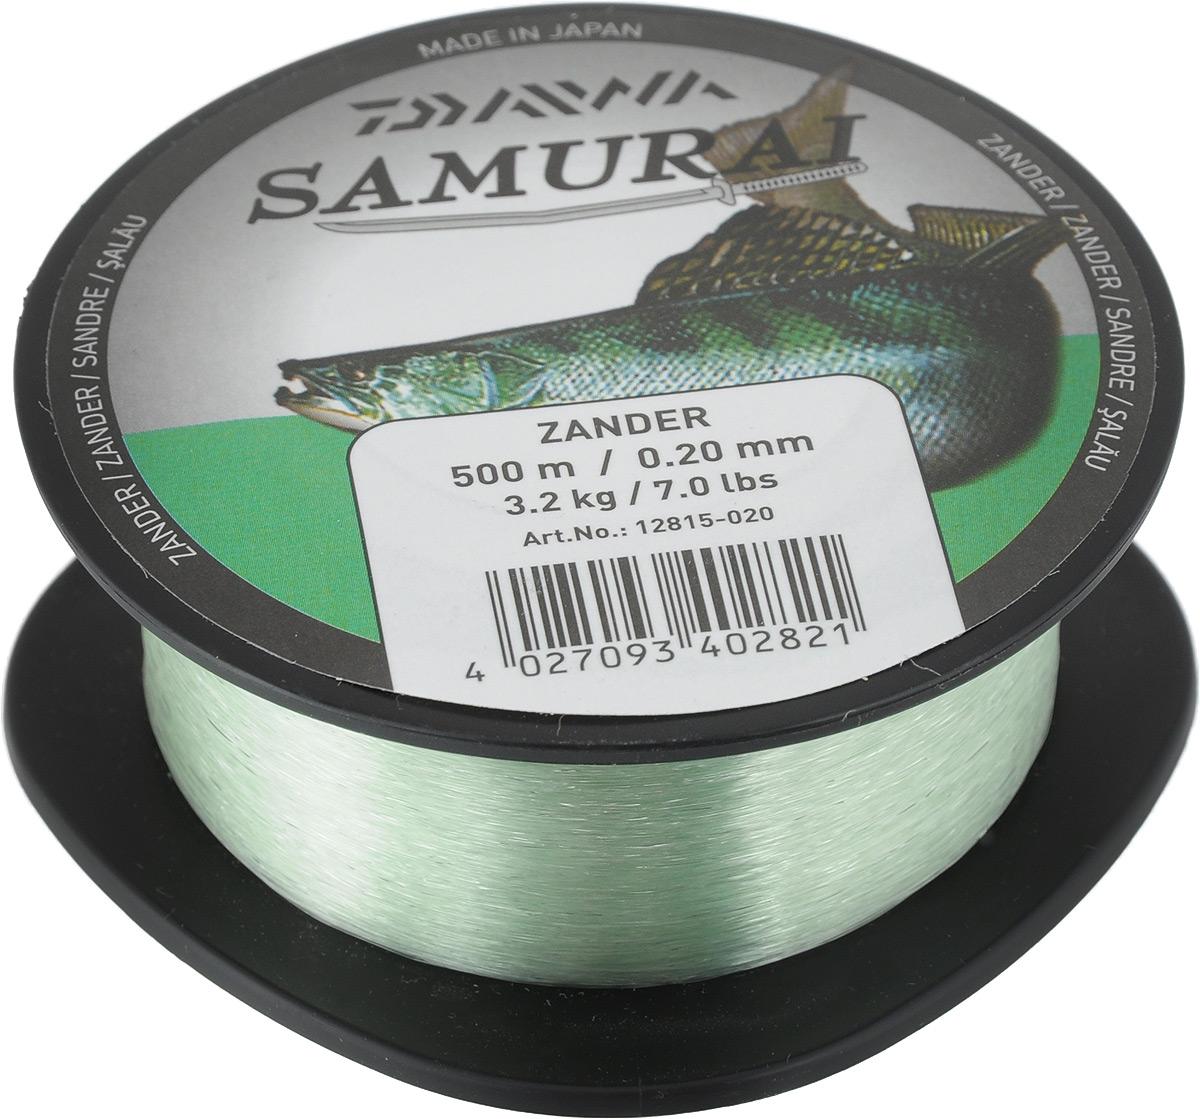 Леска Daiwa Samurai Zander, цвет: светло-зеленый, 500 м, 0,2 мм, 3,2 кг41589Популярная леска Daiwa Samurai Zander применяется для ловли разнообразной рыбы. Изготовлена из прочного нейлона согласно высоким стандартам качества. Леска сочетает в себе великолепное соотношение цены и качества.